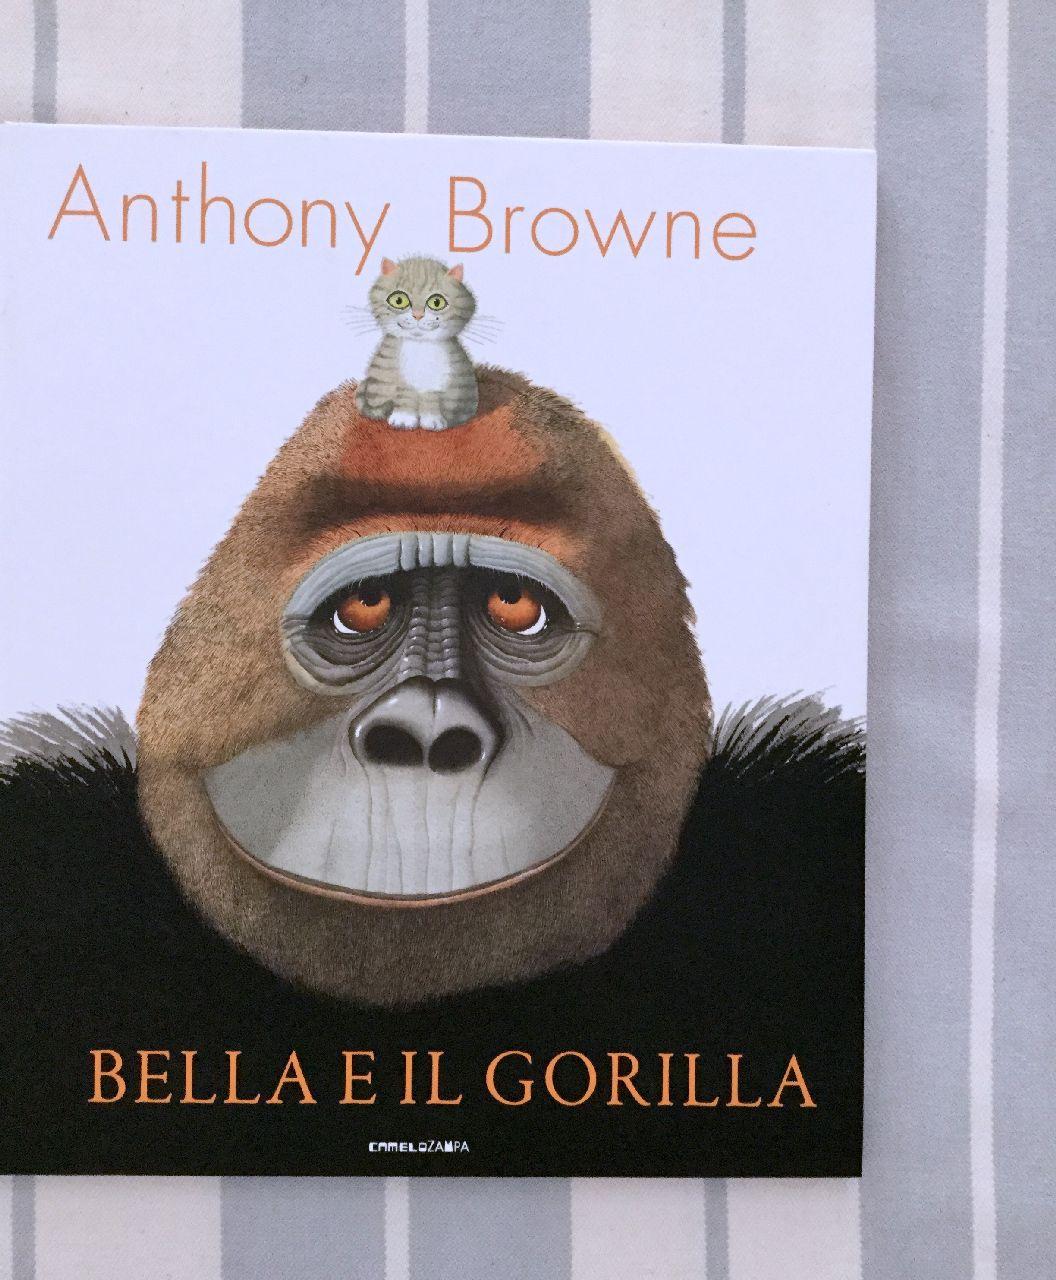 Anthony Browne, Bella e il gorilla, Camelozampa